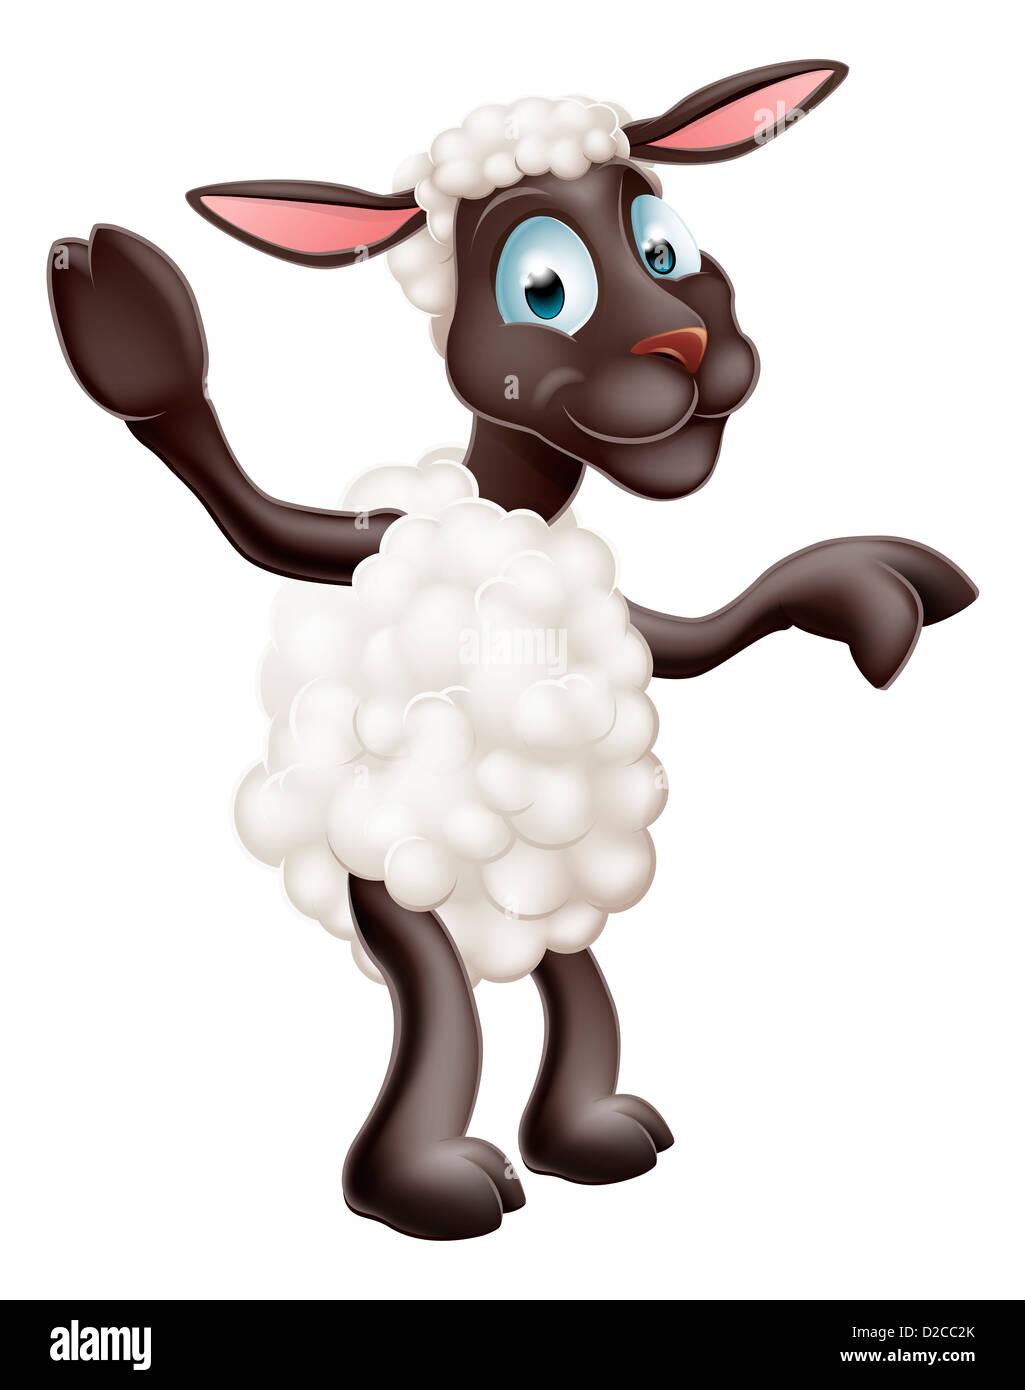 Illustration D Un Mignon Petit Mouton Ou D Agneau Ou De Personnages De Dessins Animes Montrant La Mascotte Photo Stock Alamy